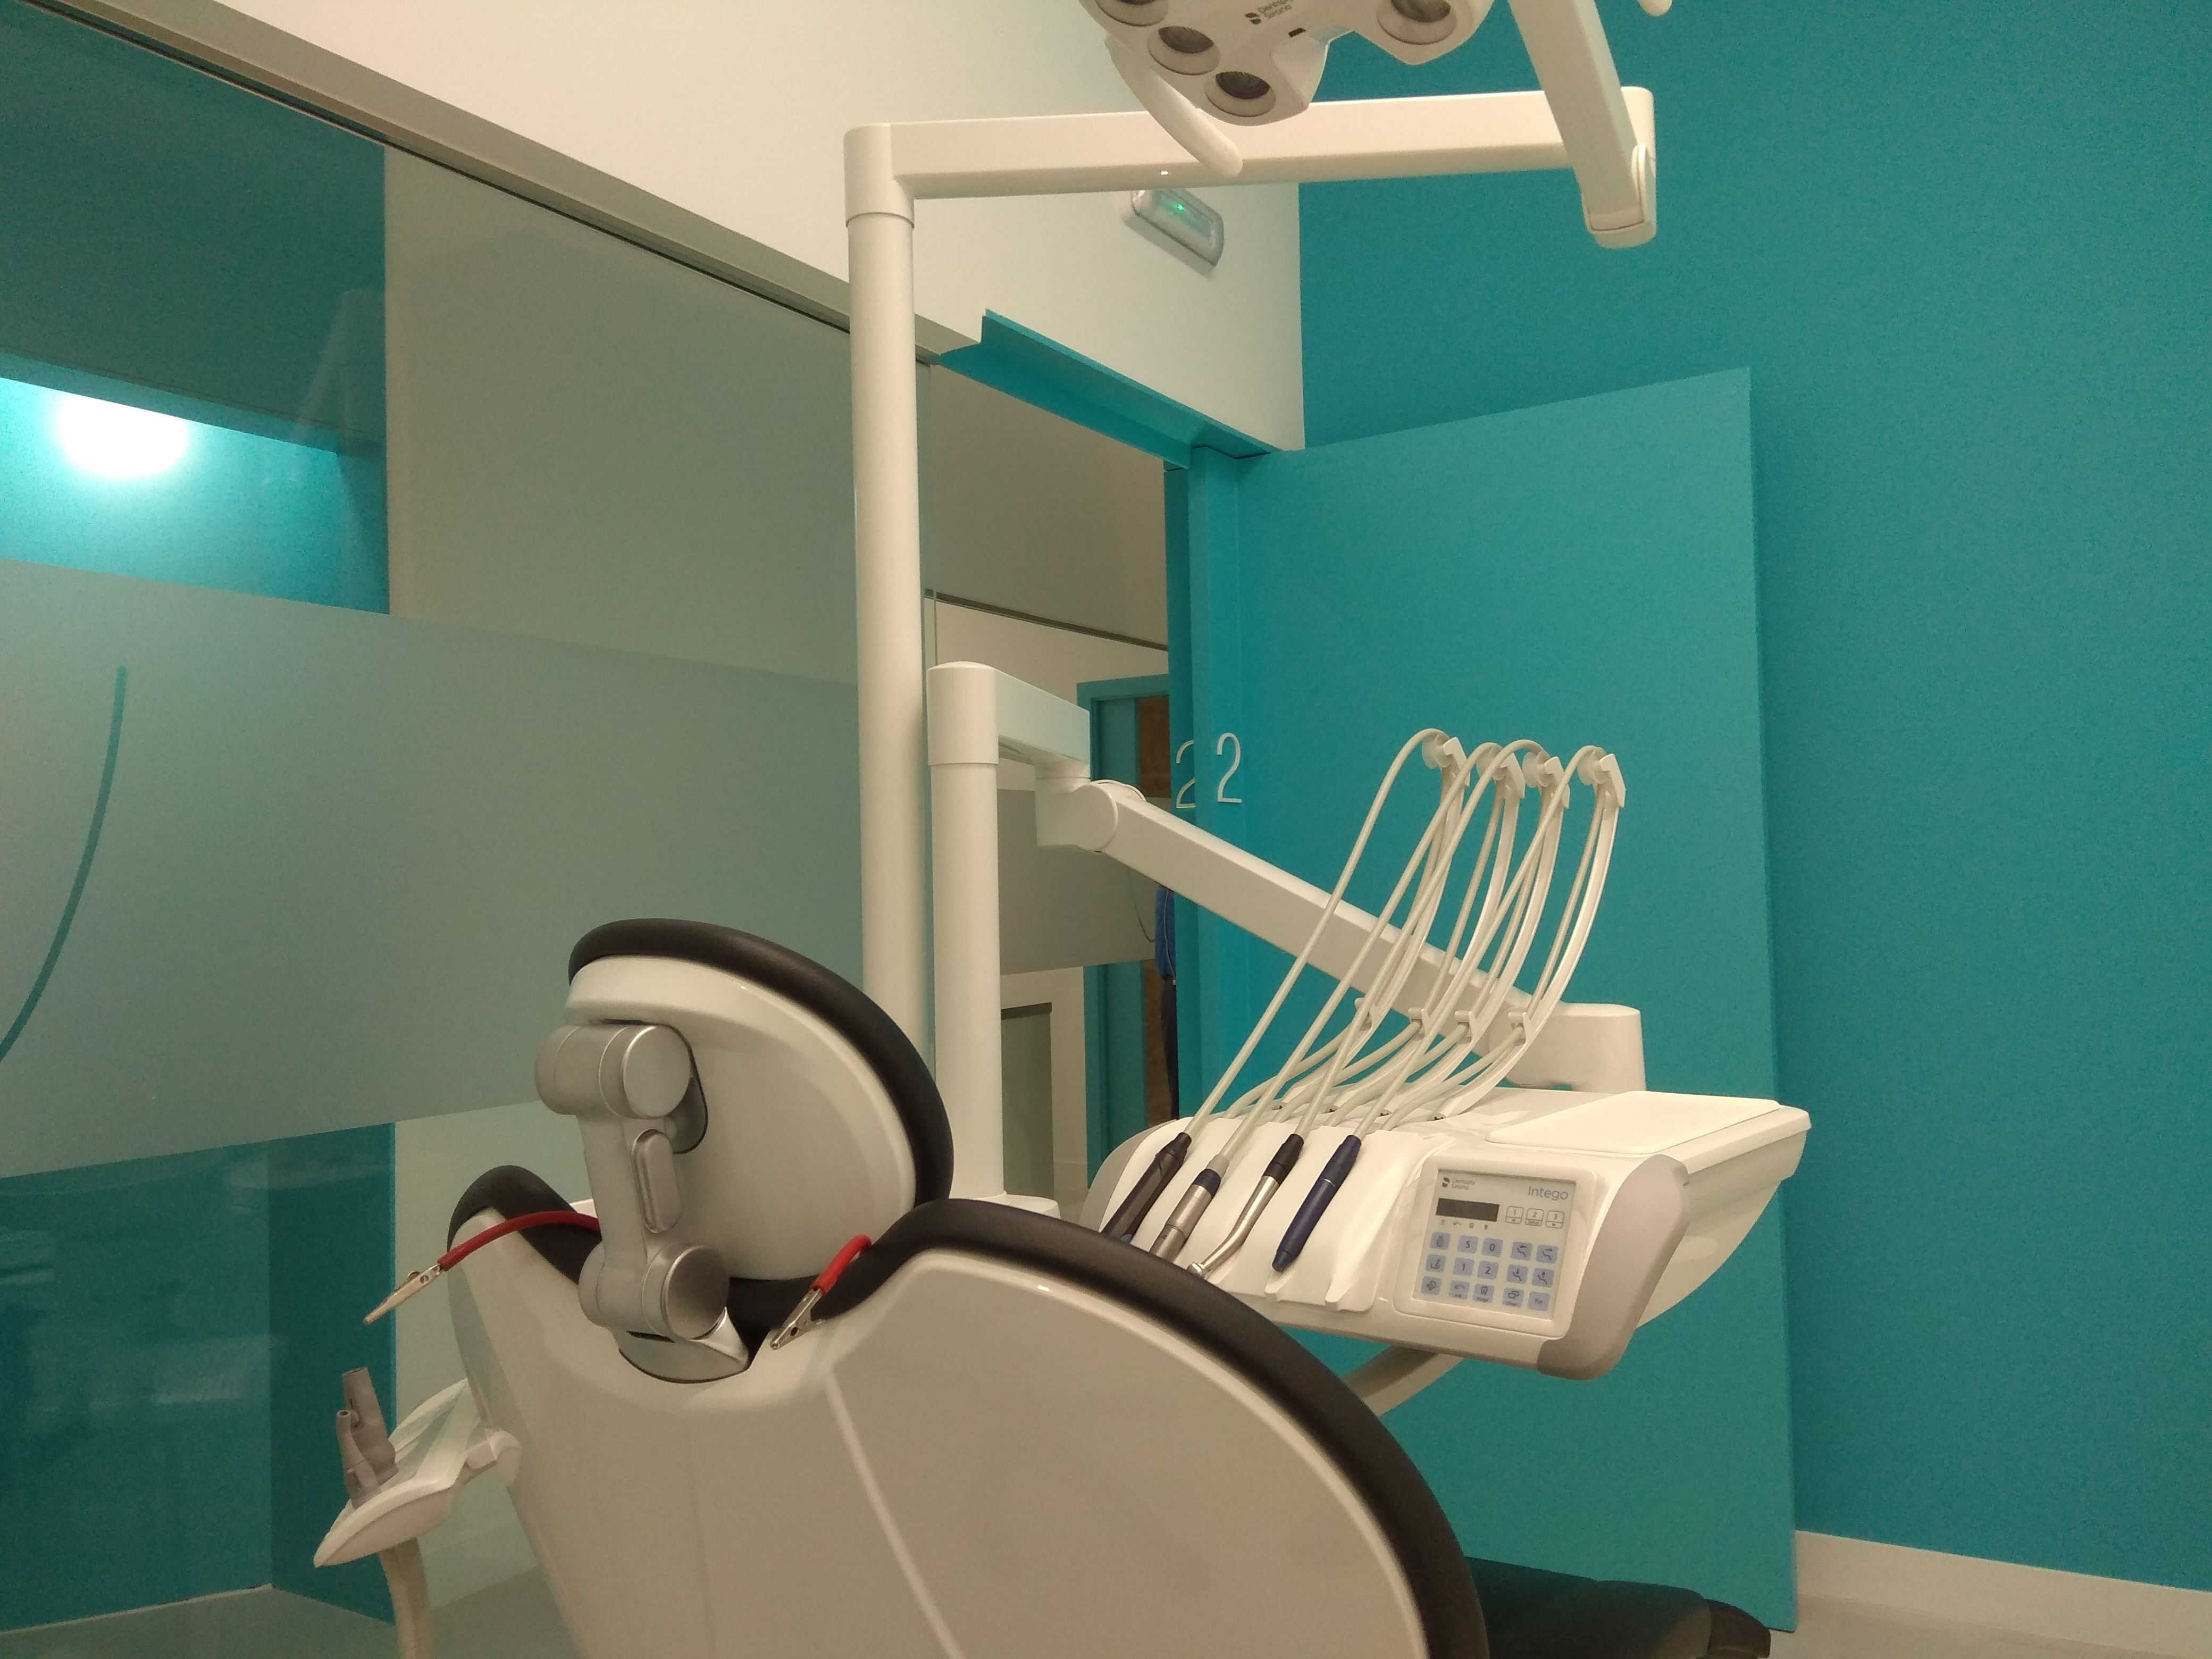 instalaciones clinica dental vargas ridao vigo